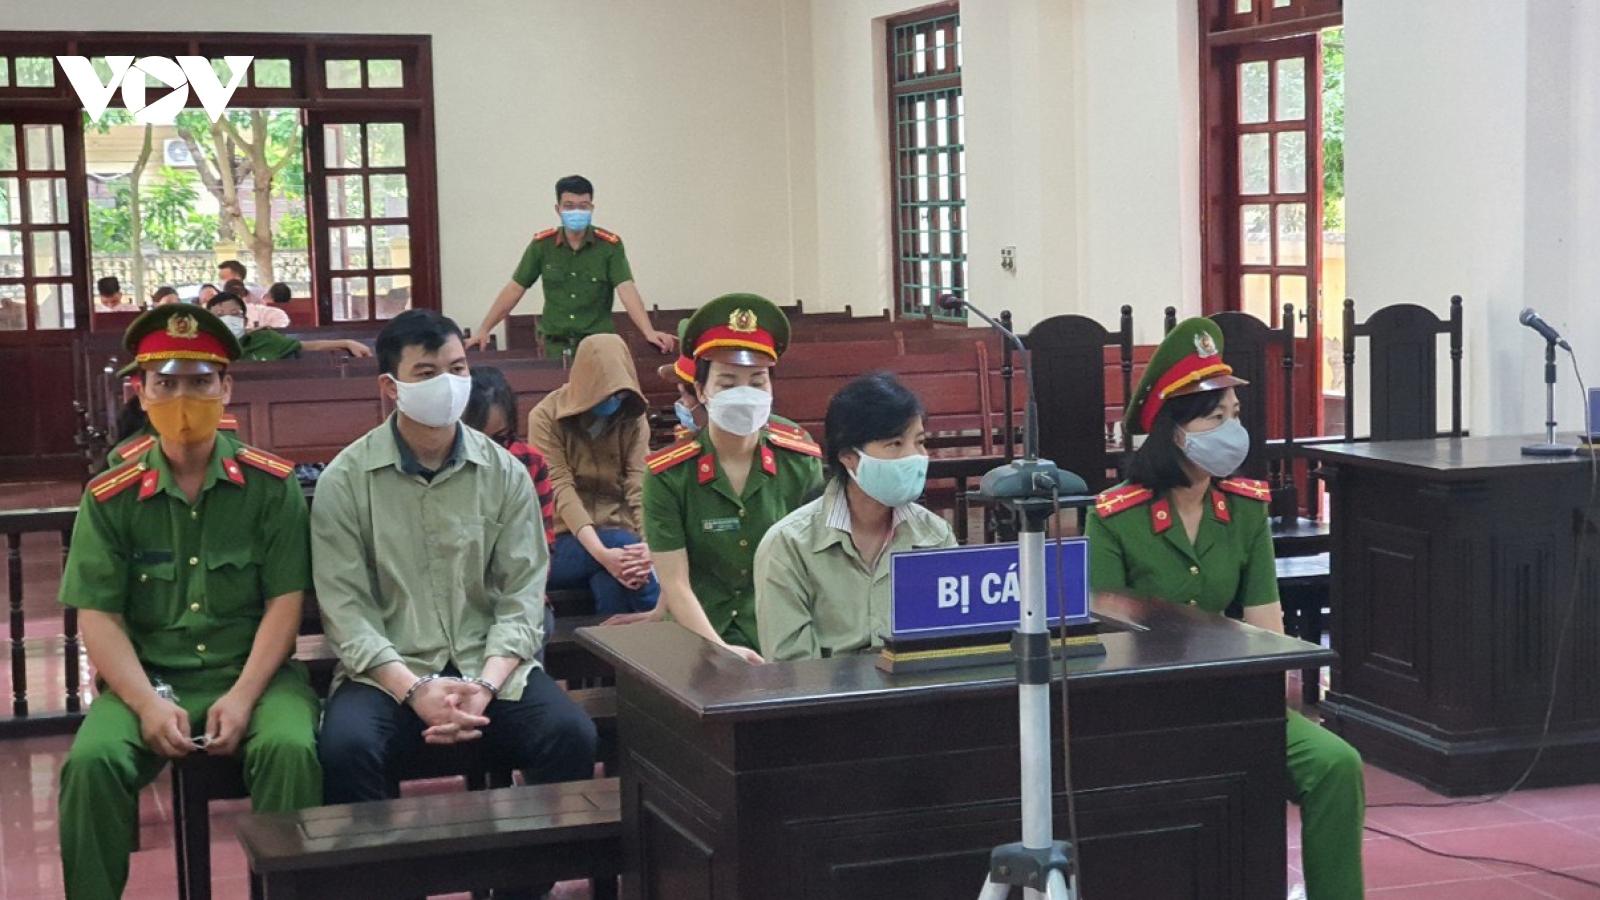 Đề nghị mức án 15-16 năm tù cho trưởng đoàn Thanh tra xây dựng chiếm đoạt tiền ở Vĩnh Phúc